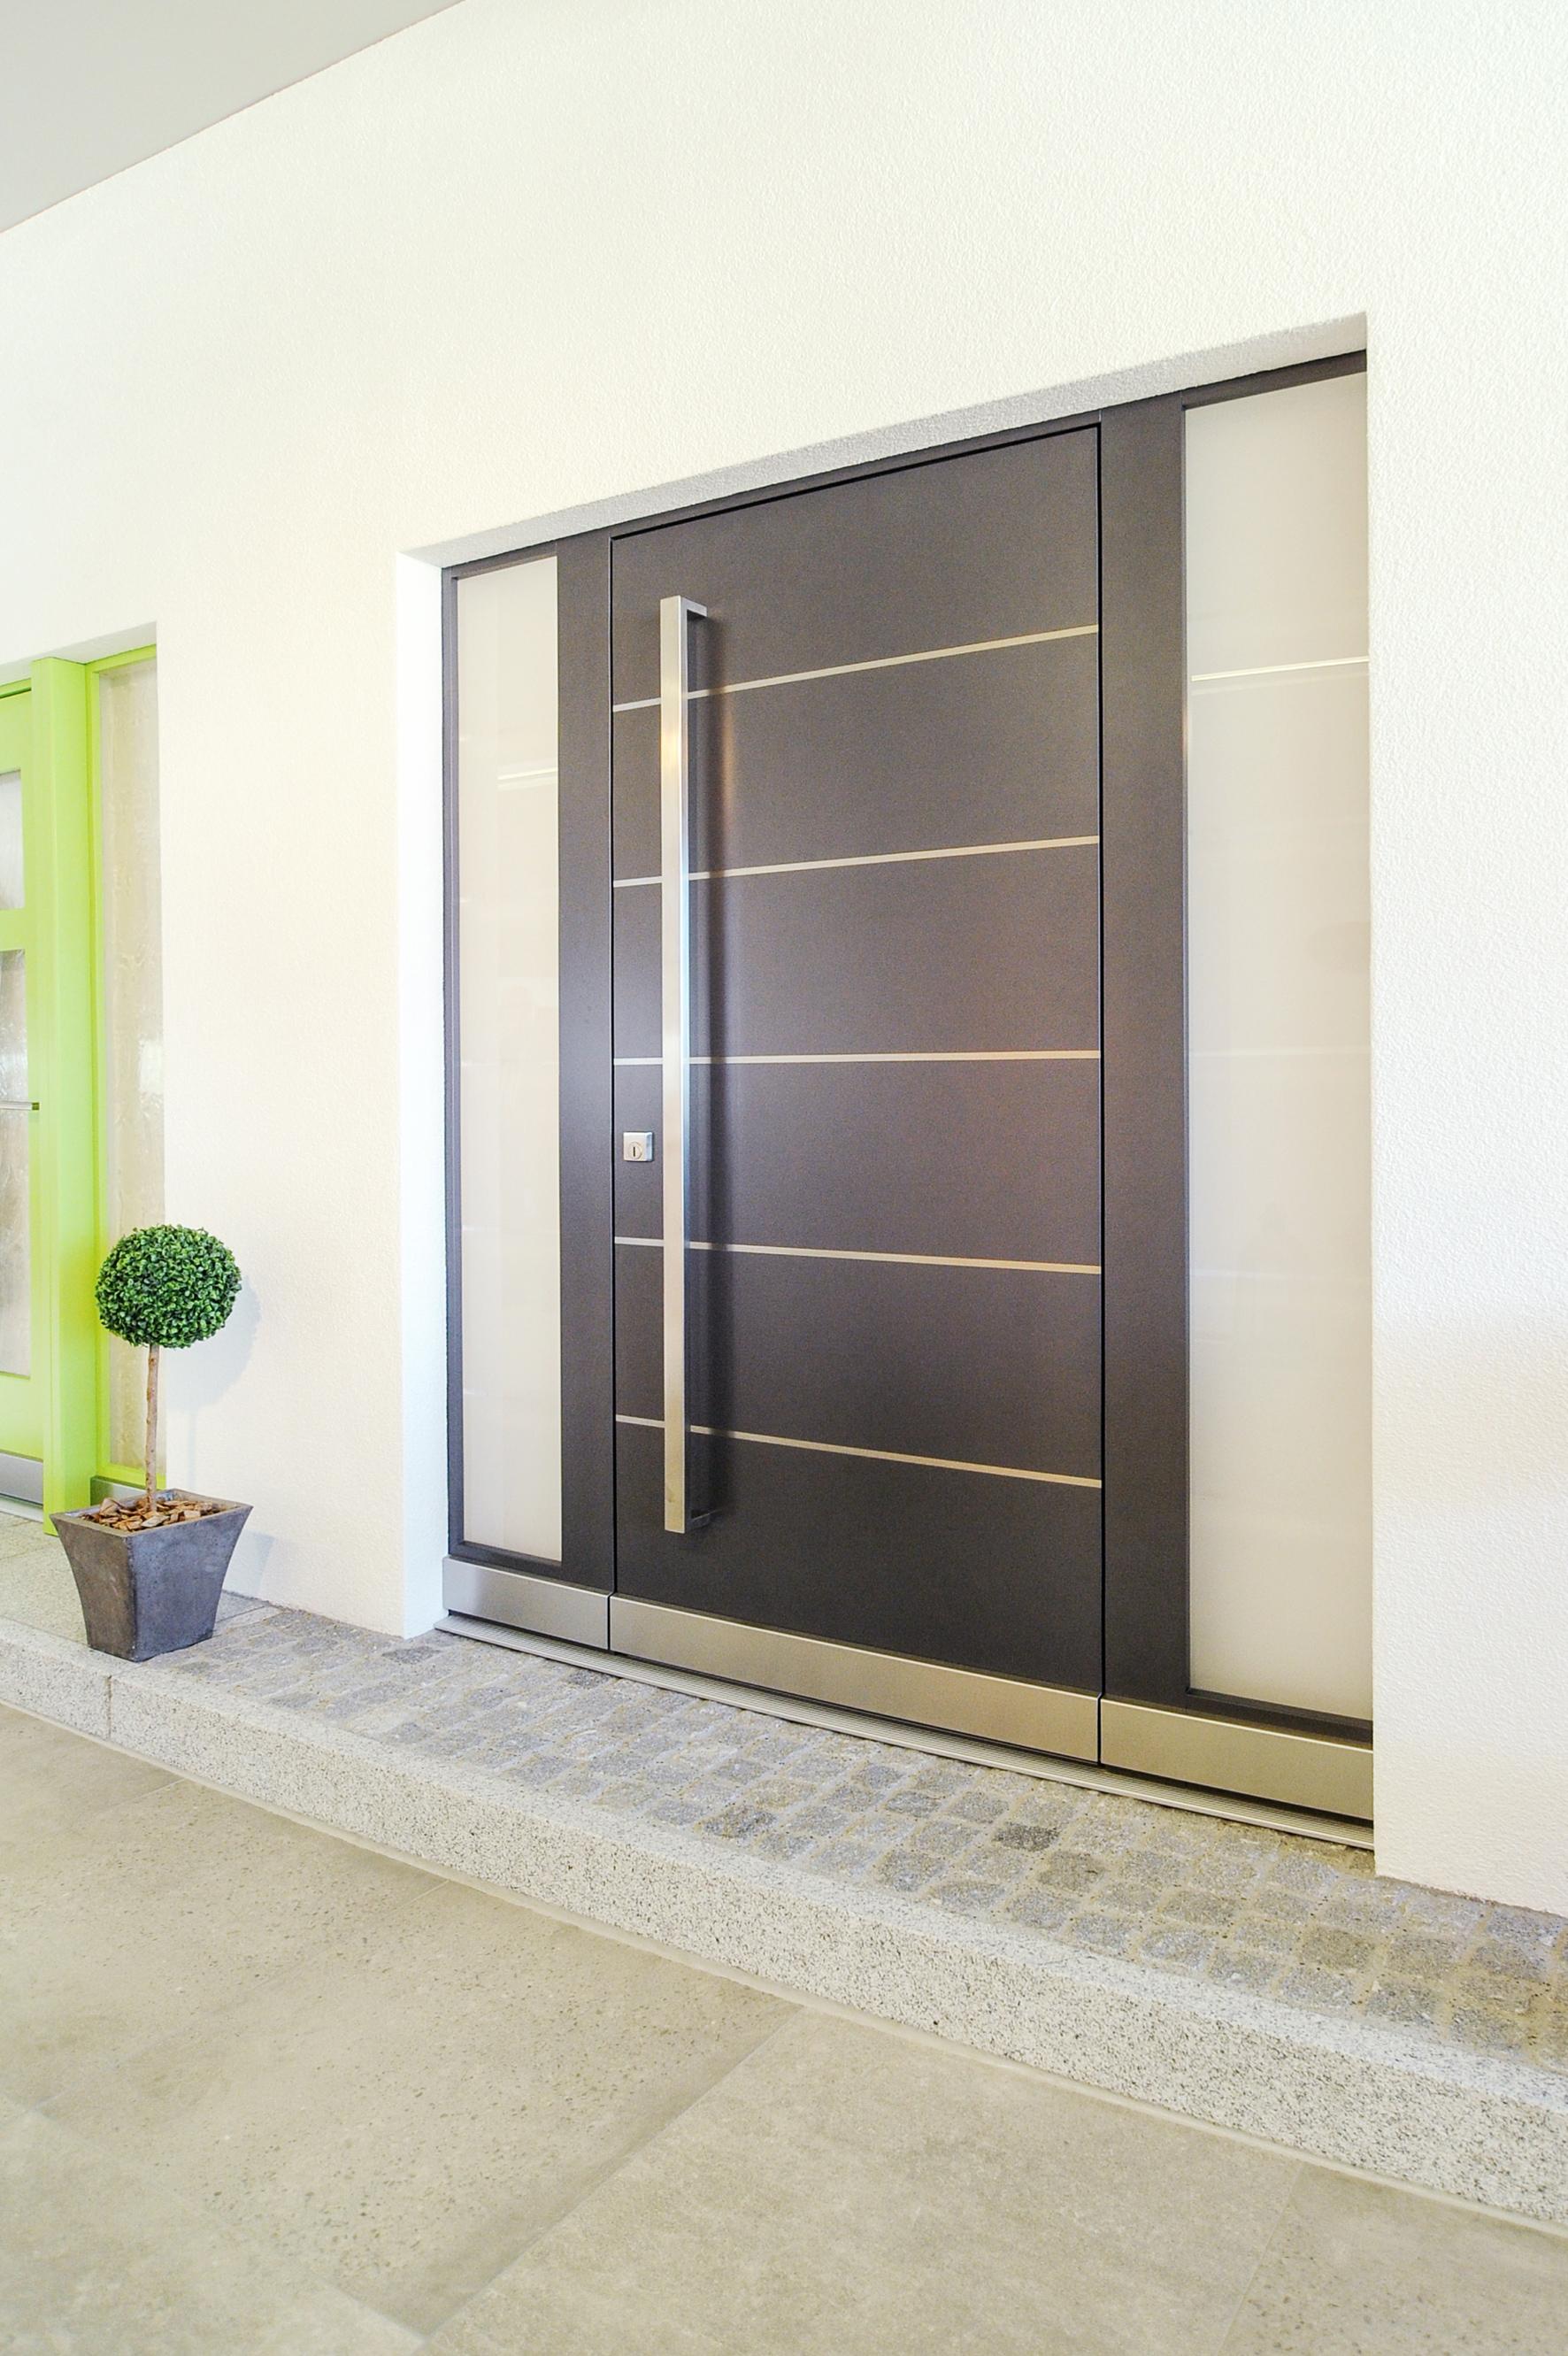 Tür mit Einfassung links und rechts